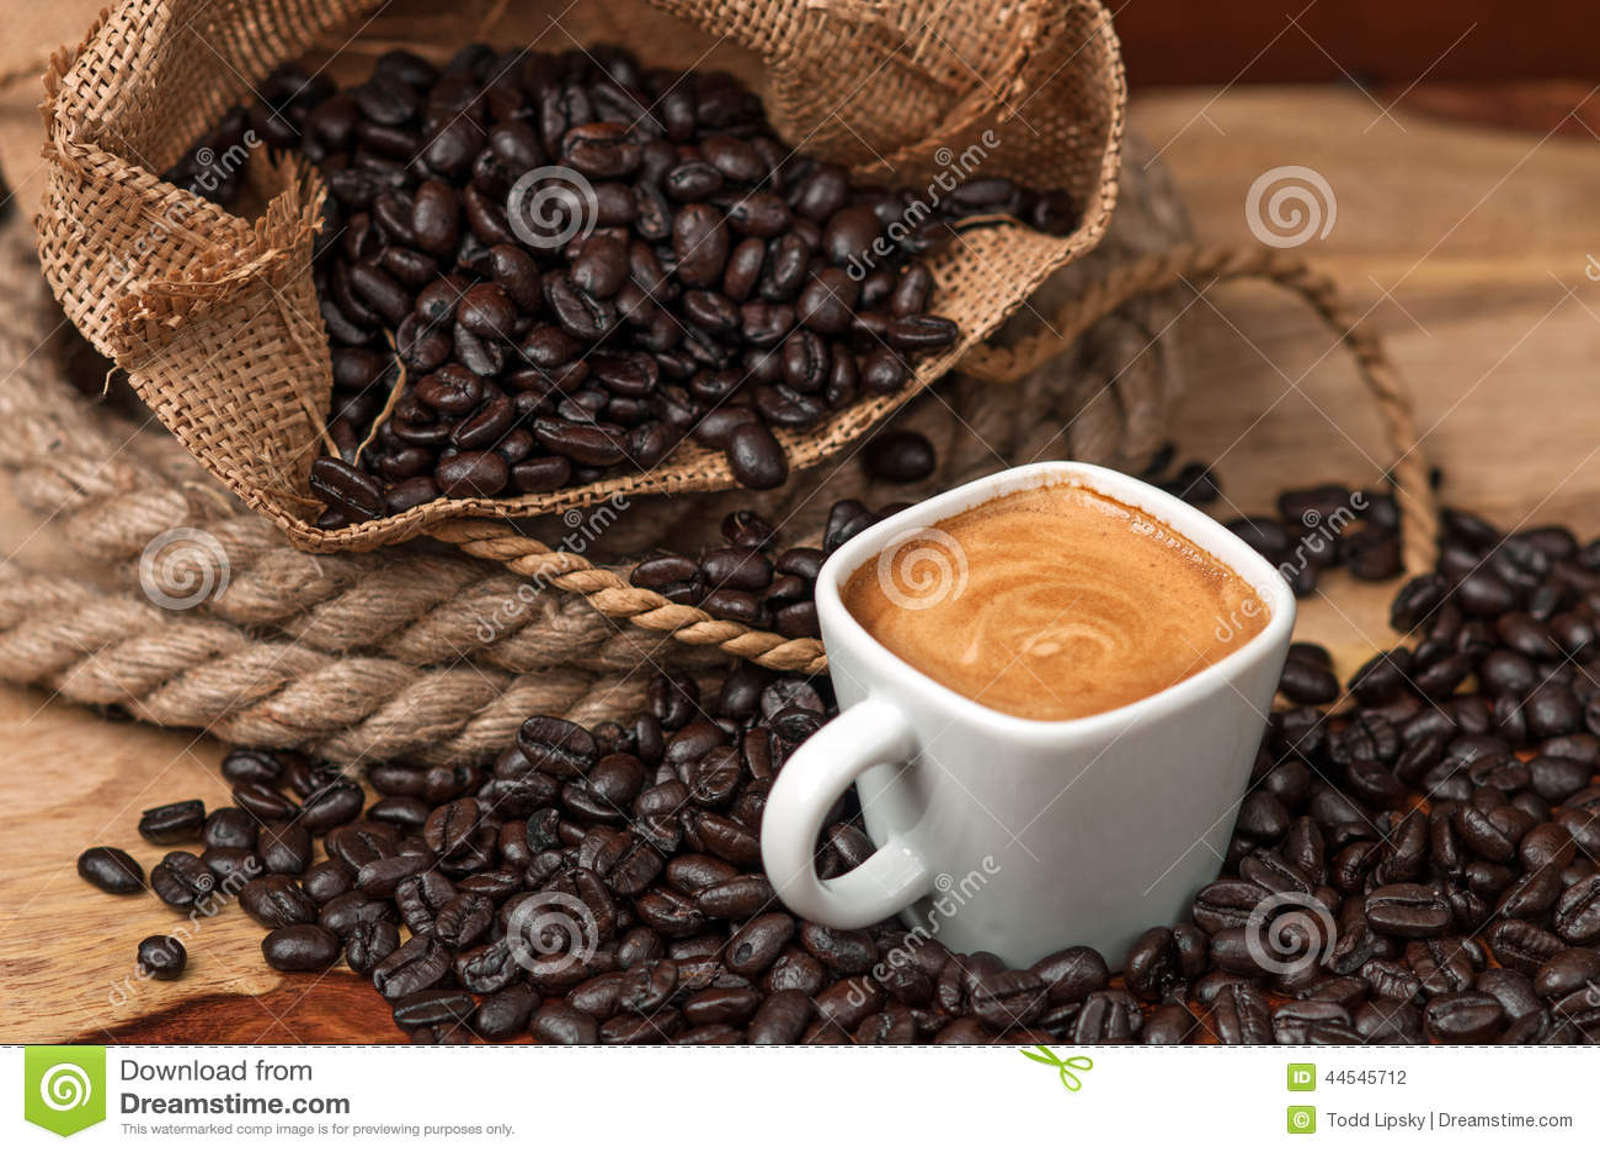 浓咖啡和咖啡豆